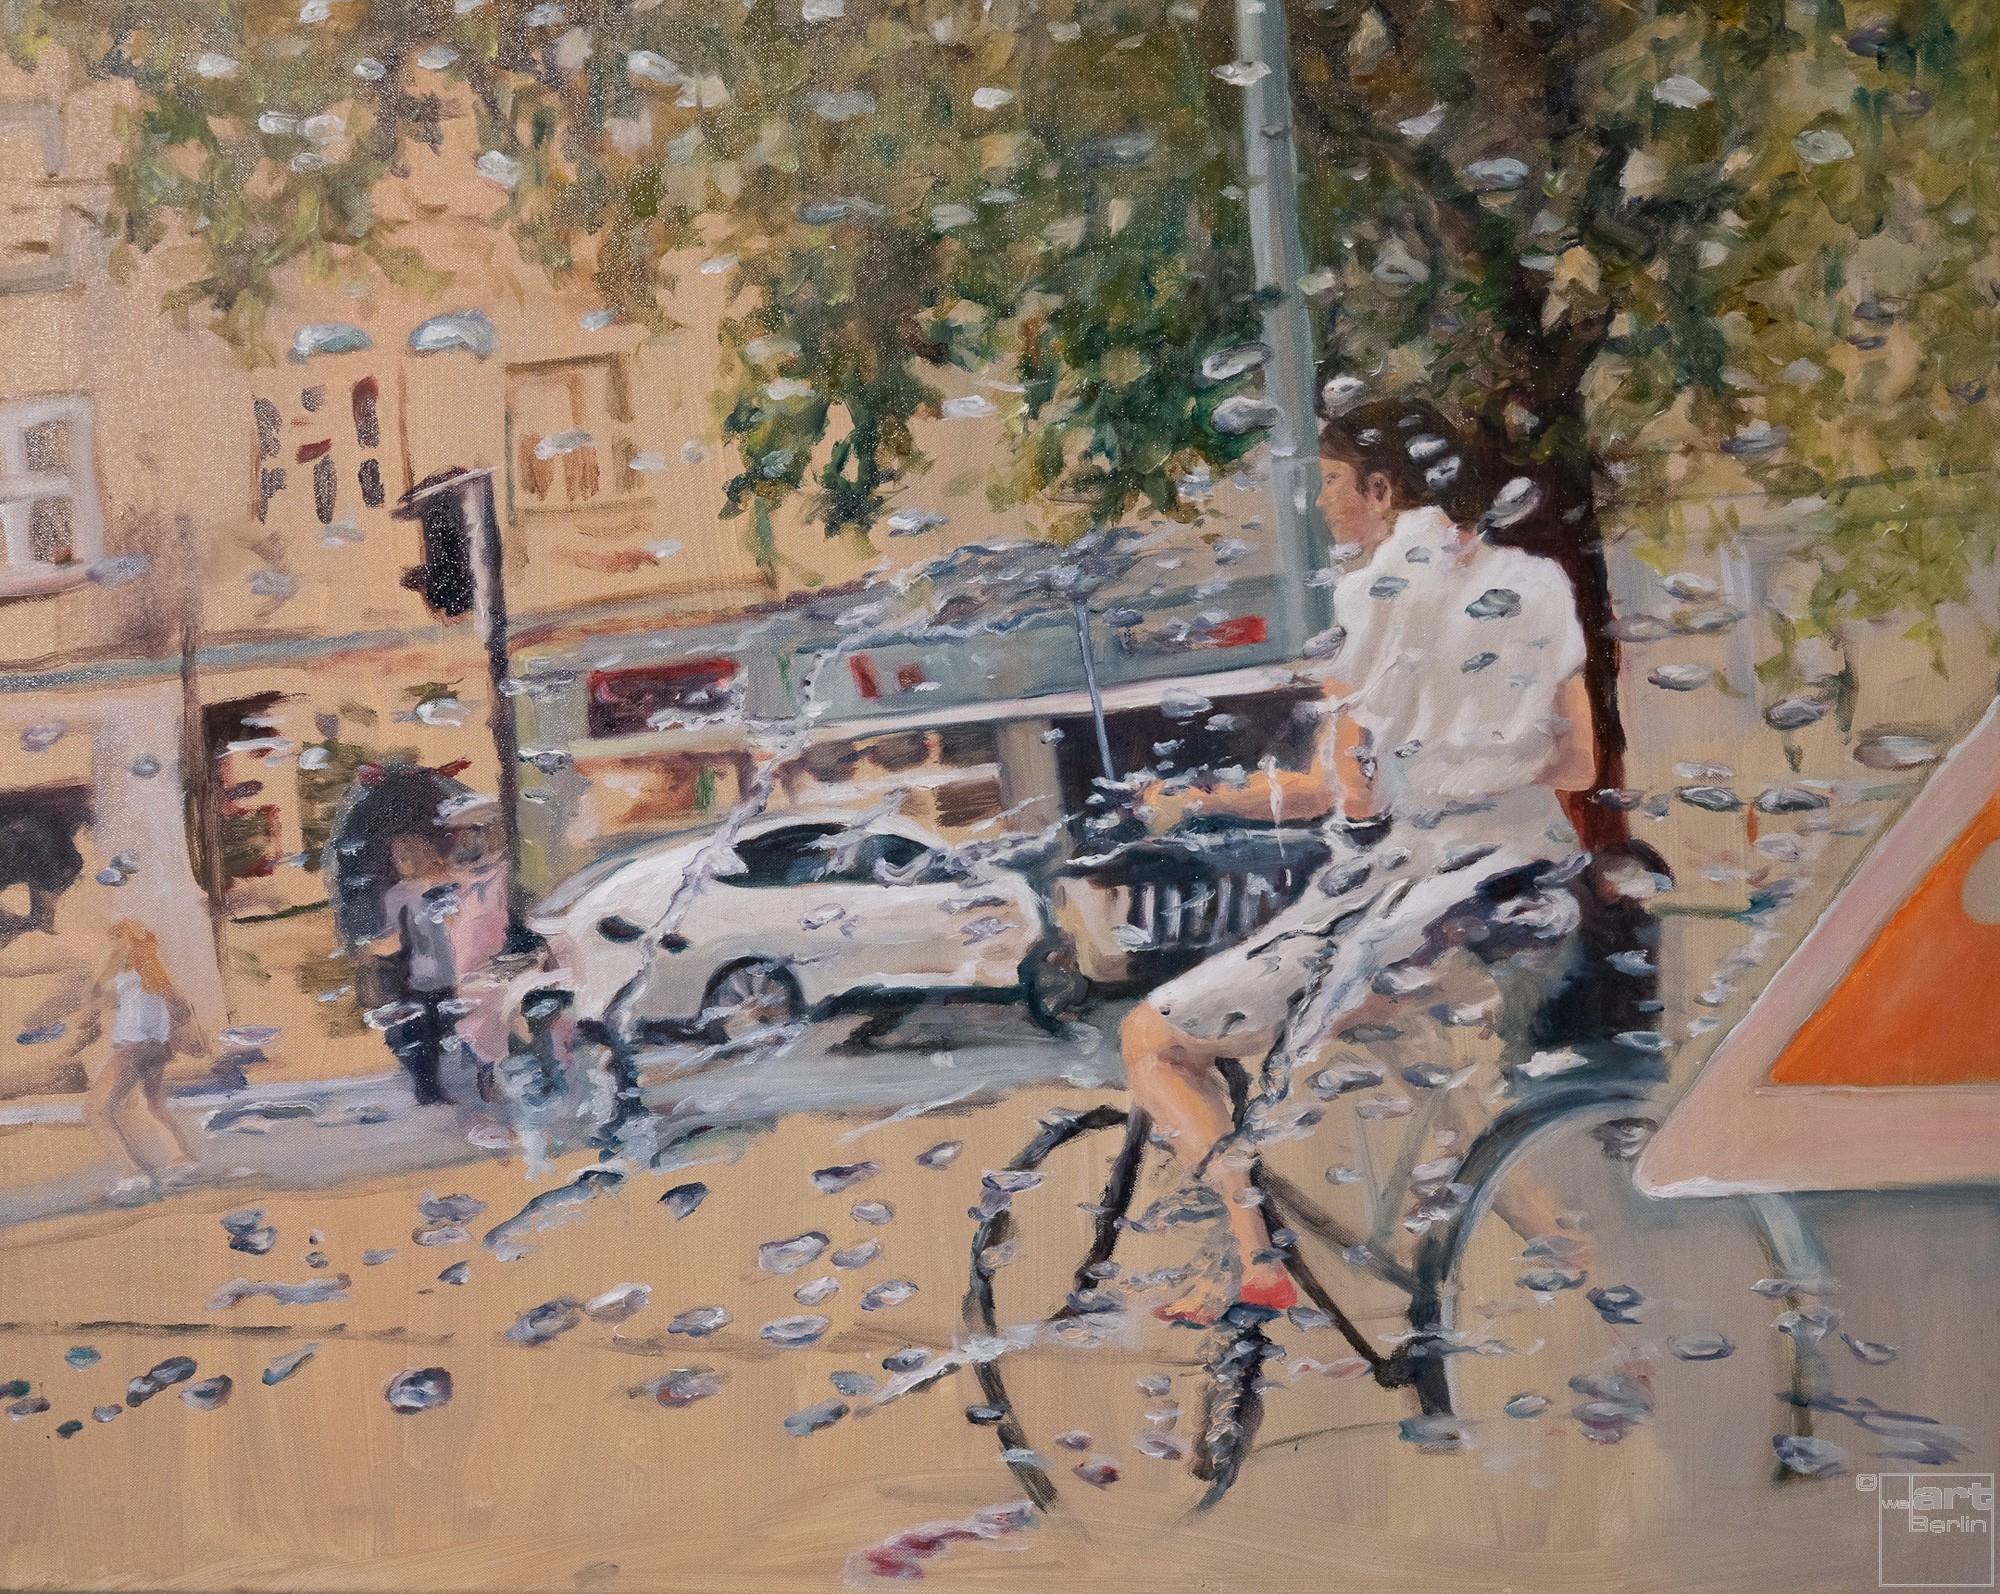 Flowing | Malerei von Künstlerin Simone Westphal, Öl auf Leinwand